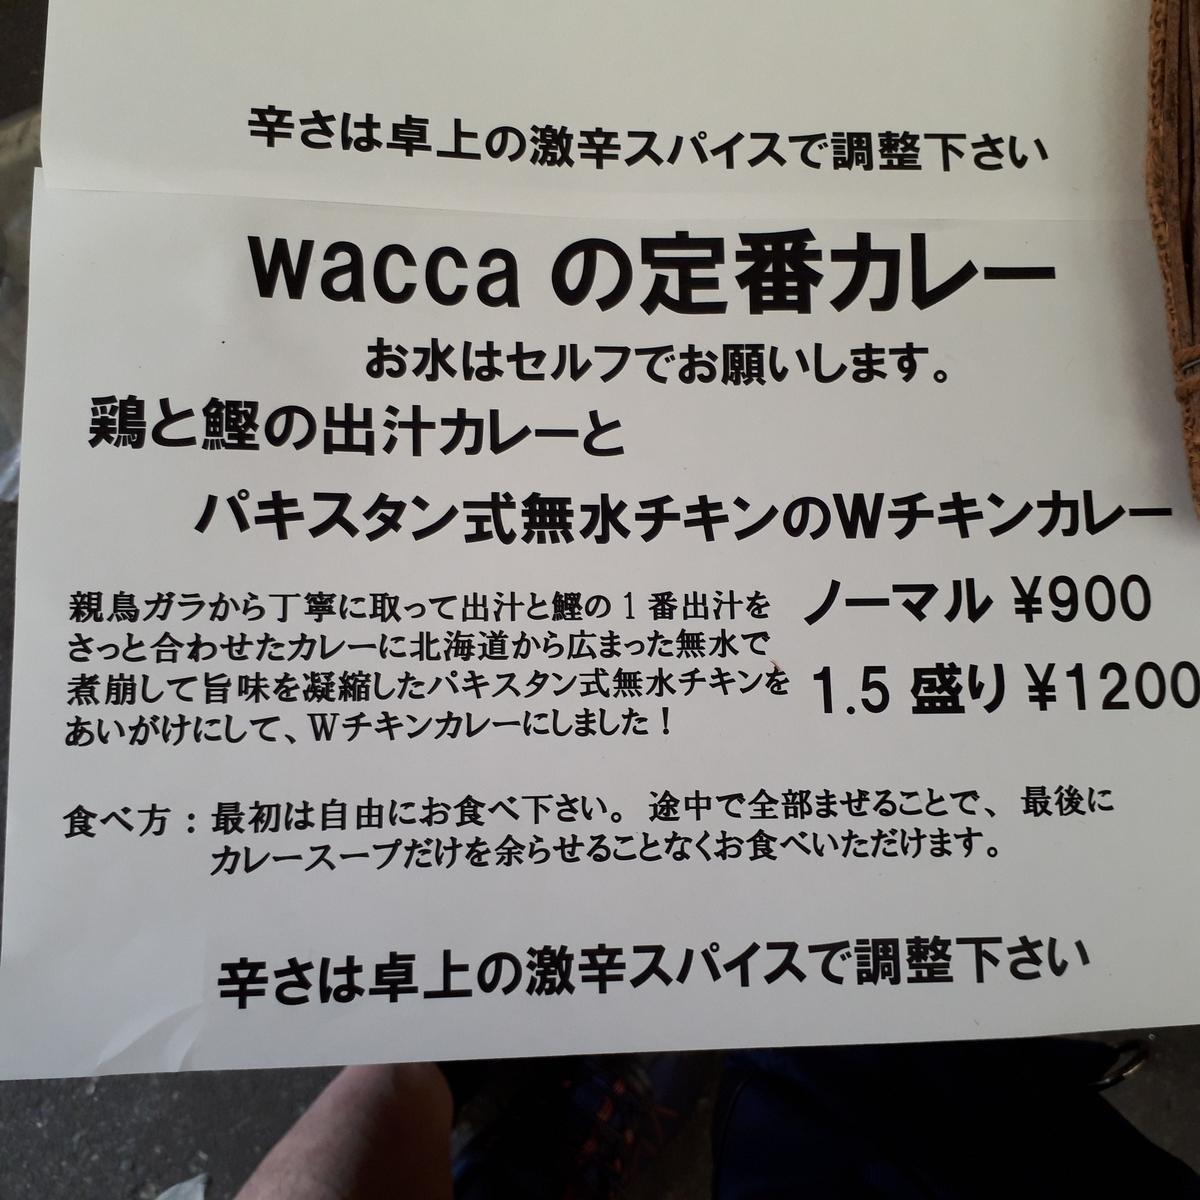 wacca 2019年6月21日 メニュー